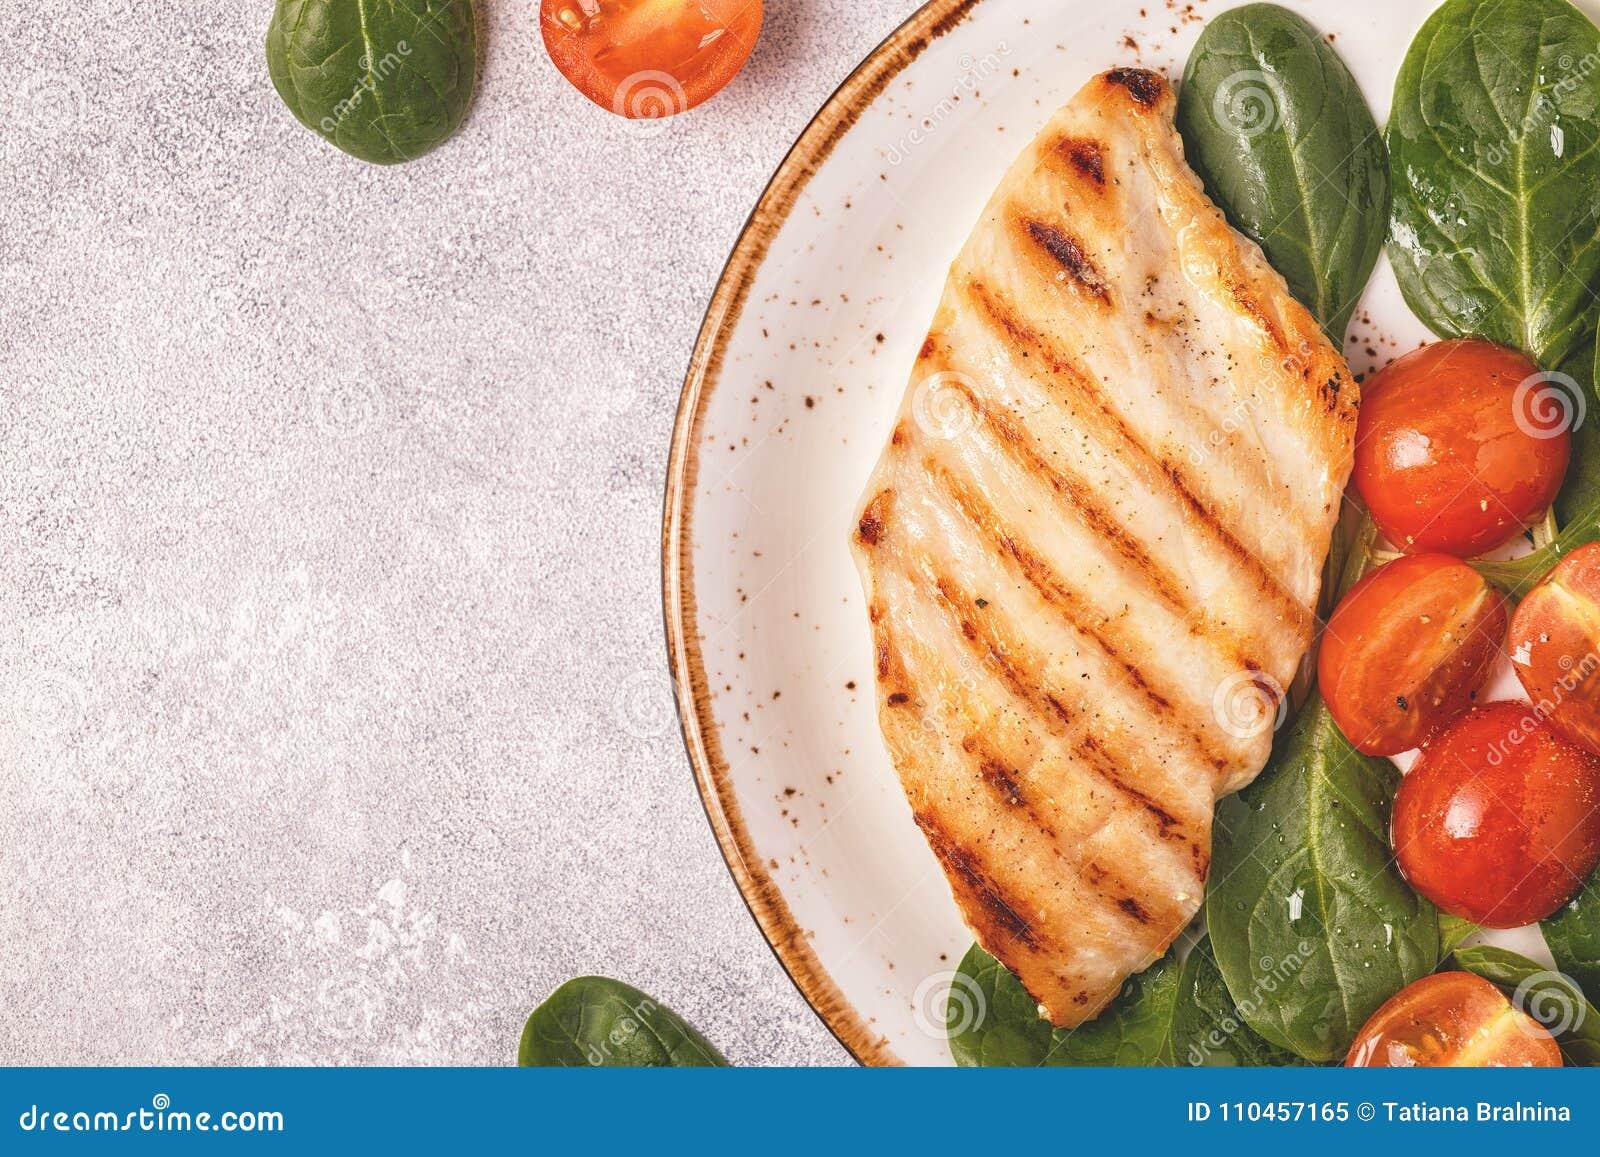 Grillat fegt bröst som tjänas som med grönsaksallad